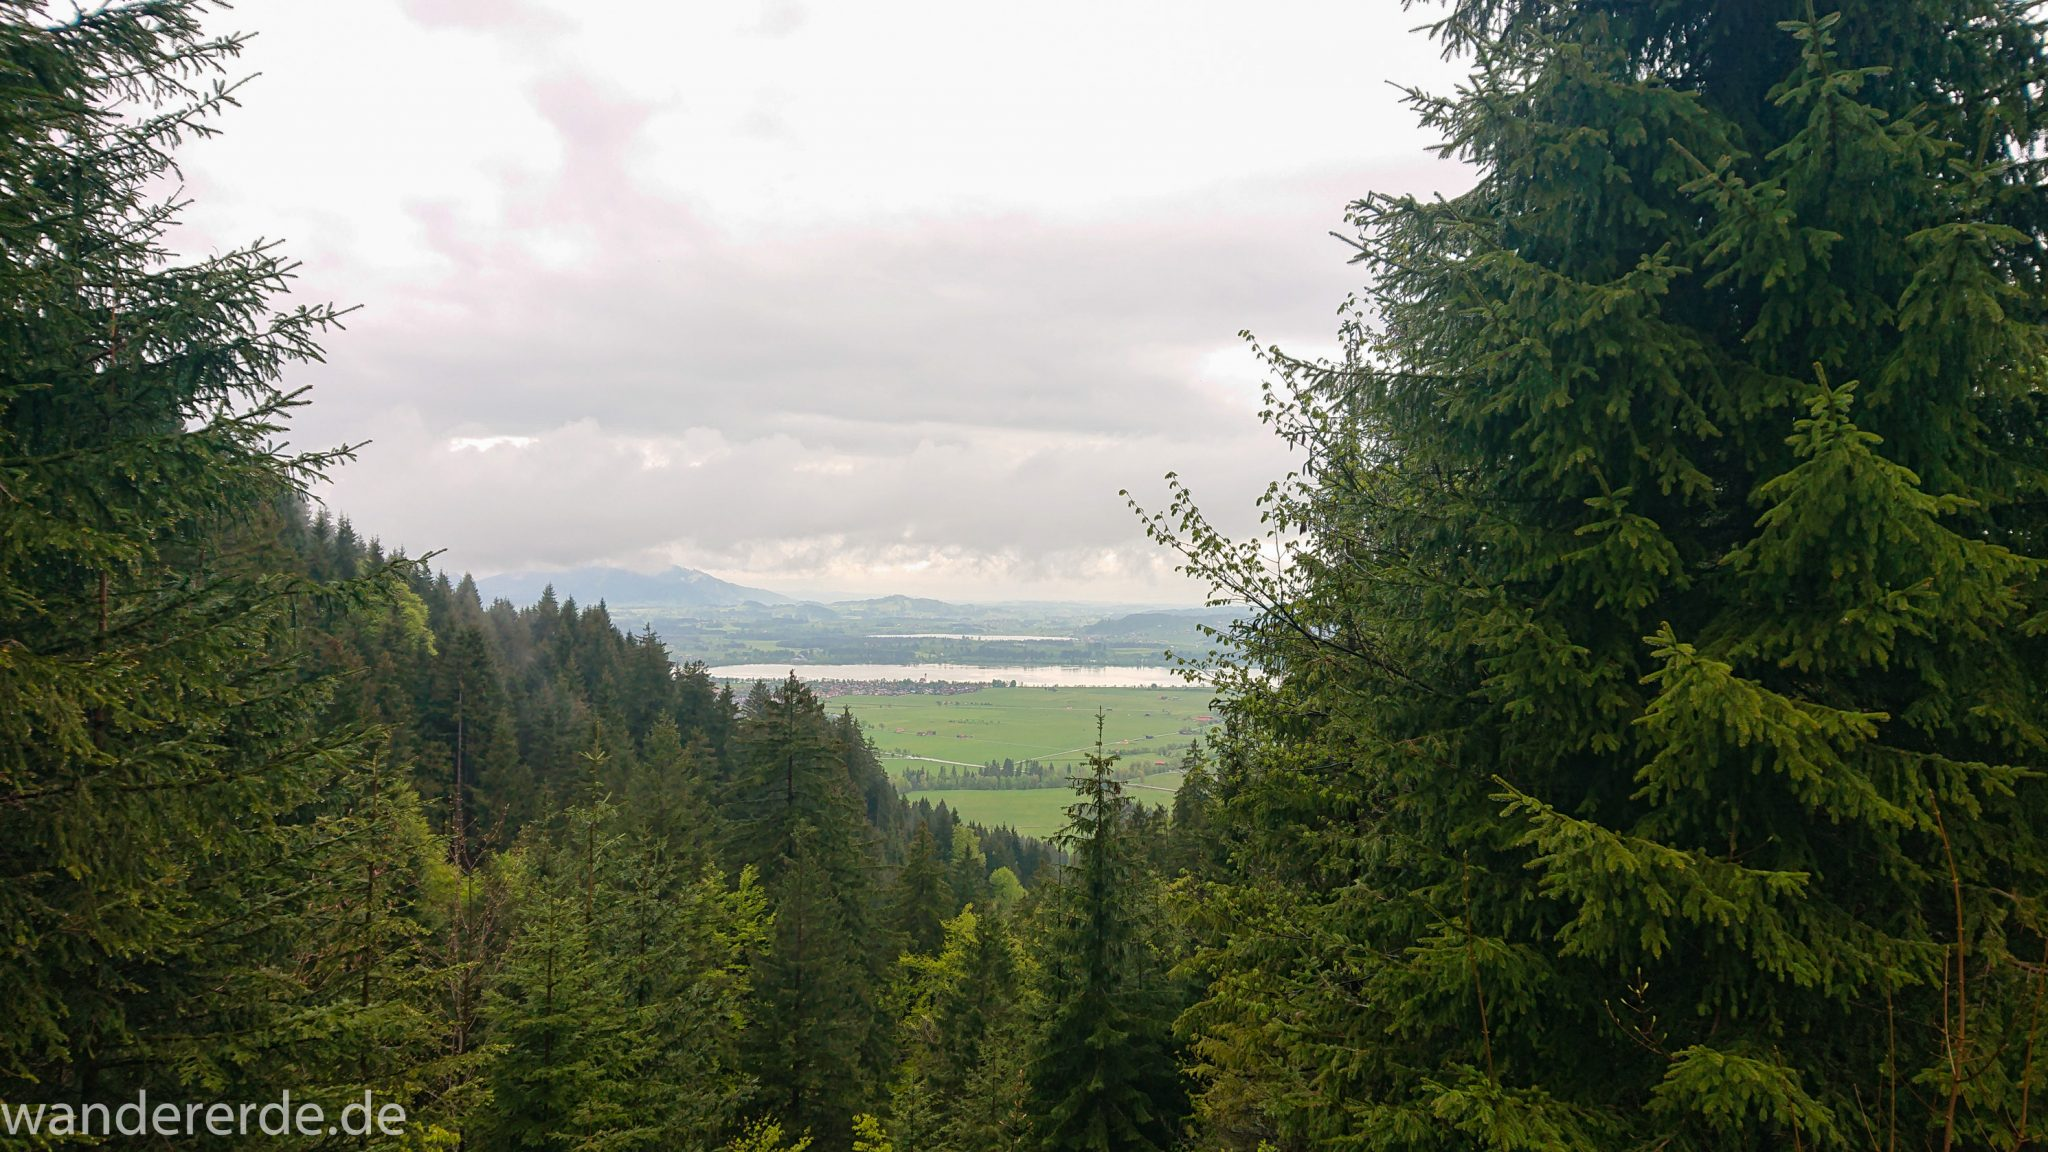 Tegelbergkopf Wanderung bei Stadt Füssen – Parkplatz Drehhütte bis Rohrkopfhütte, toller Wanderweg, schöner und dichten Wald, wolkig, tolle Atmosphäre, saftig grüne Wiese, Berge und weite Aussicht